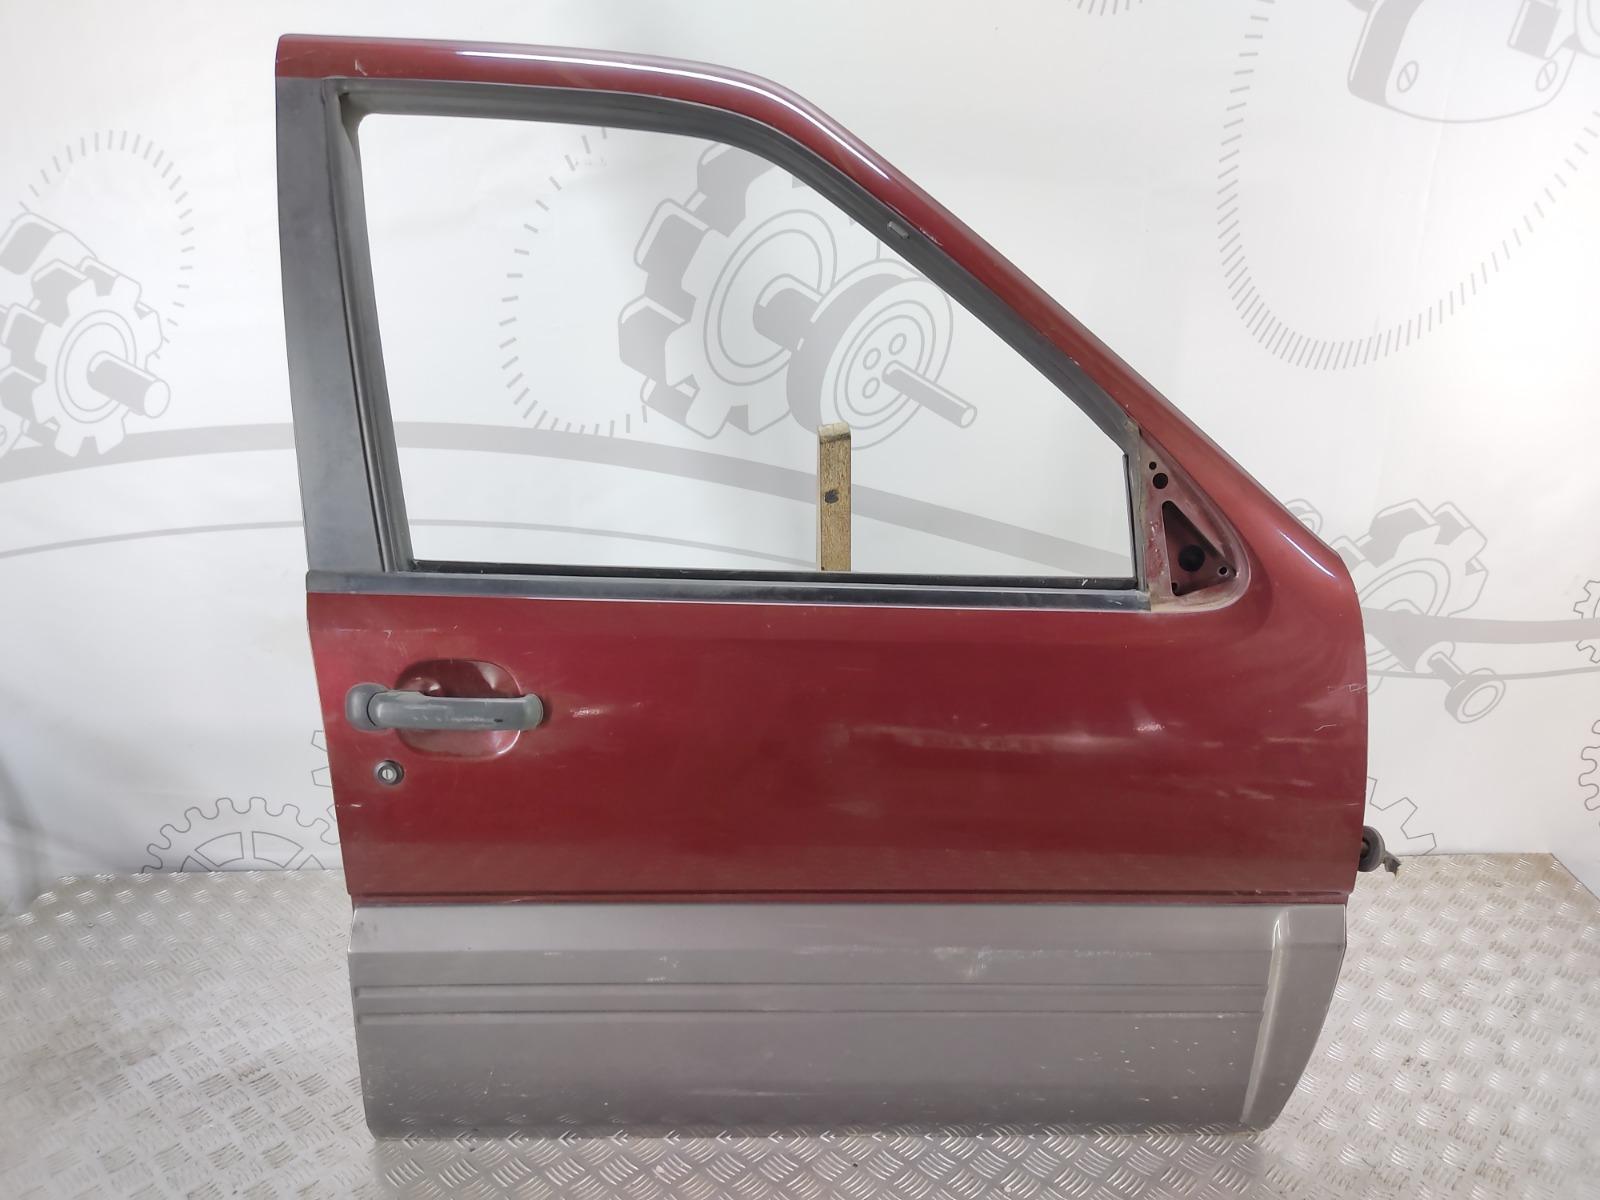 Дверь передняя правая Nissan Terrano 3.0 DI 2003 (б/у)